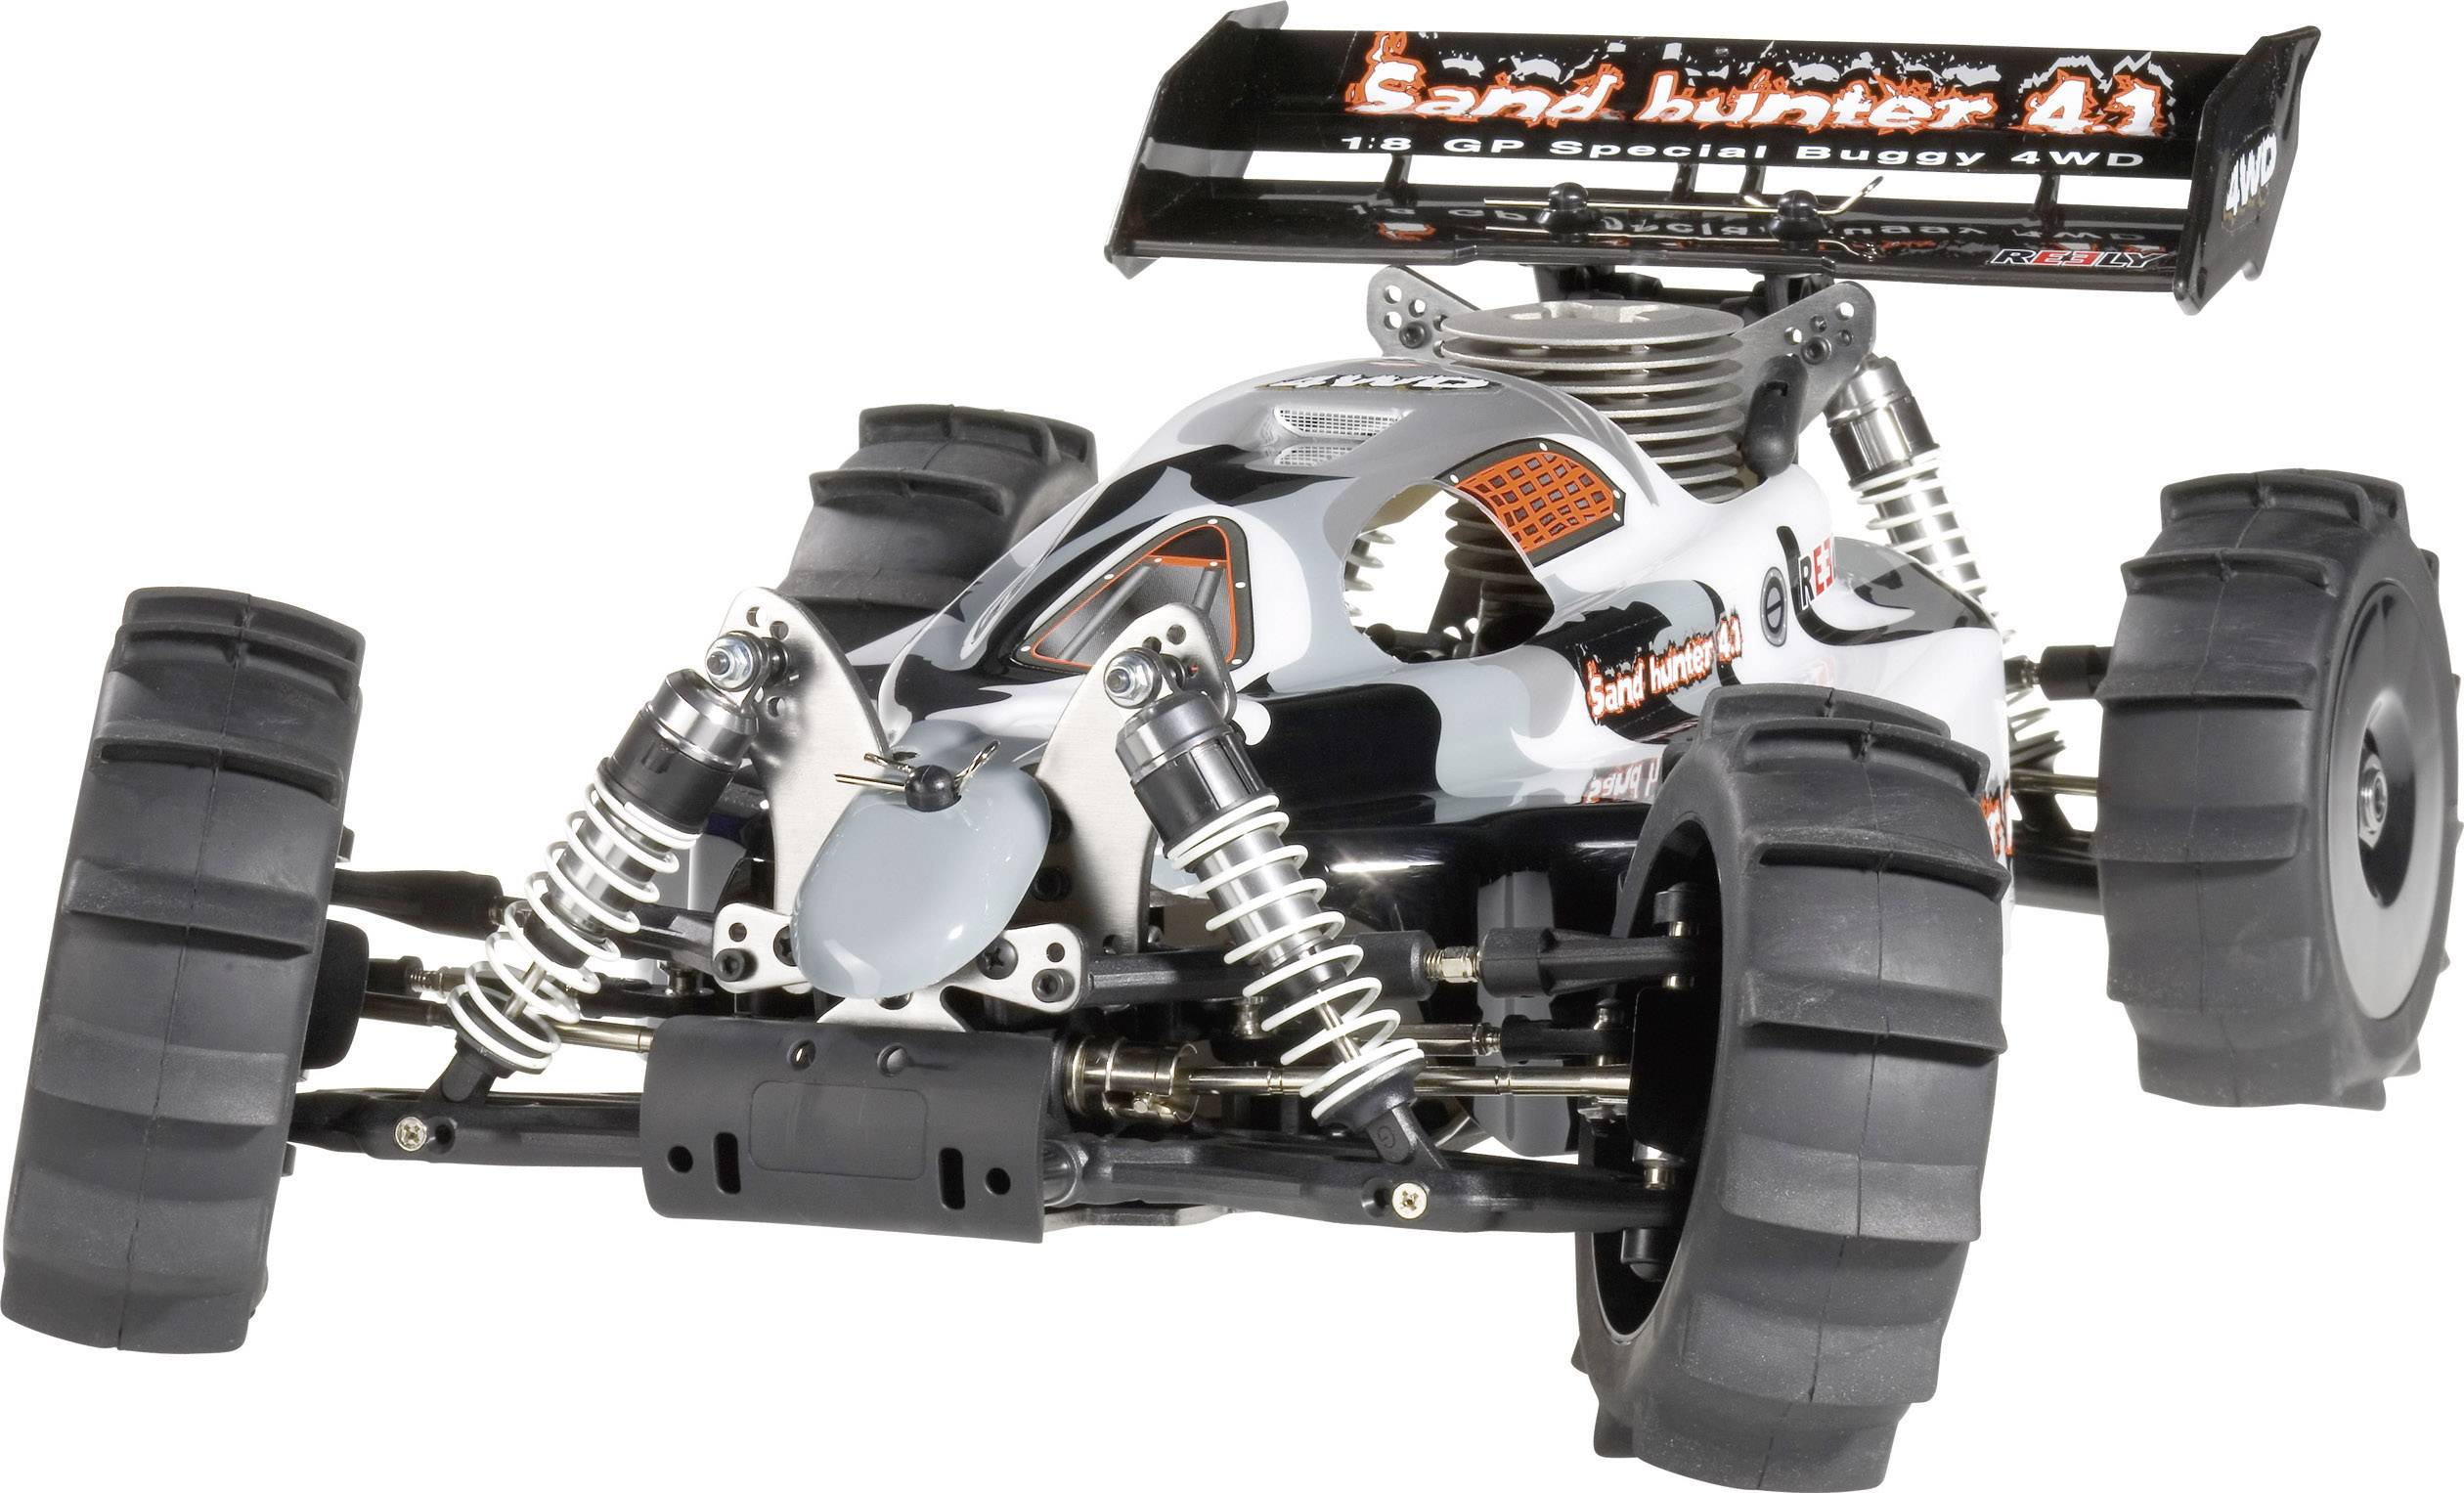 Kompletné kolesá Sand Reely D08B01SBA1 pre buggy, 122 mm, 2 ks, čierna